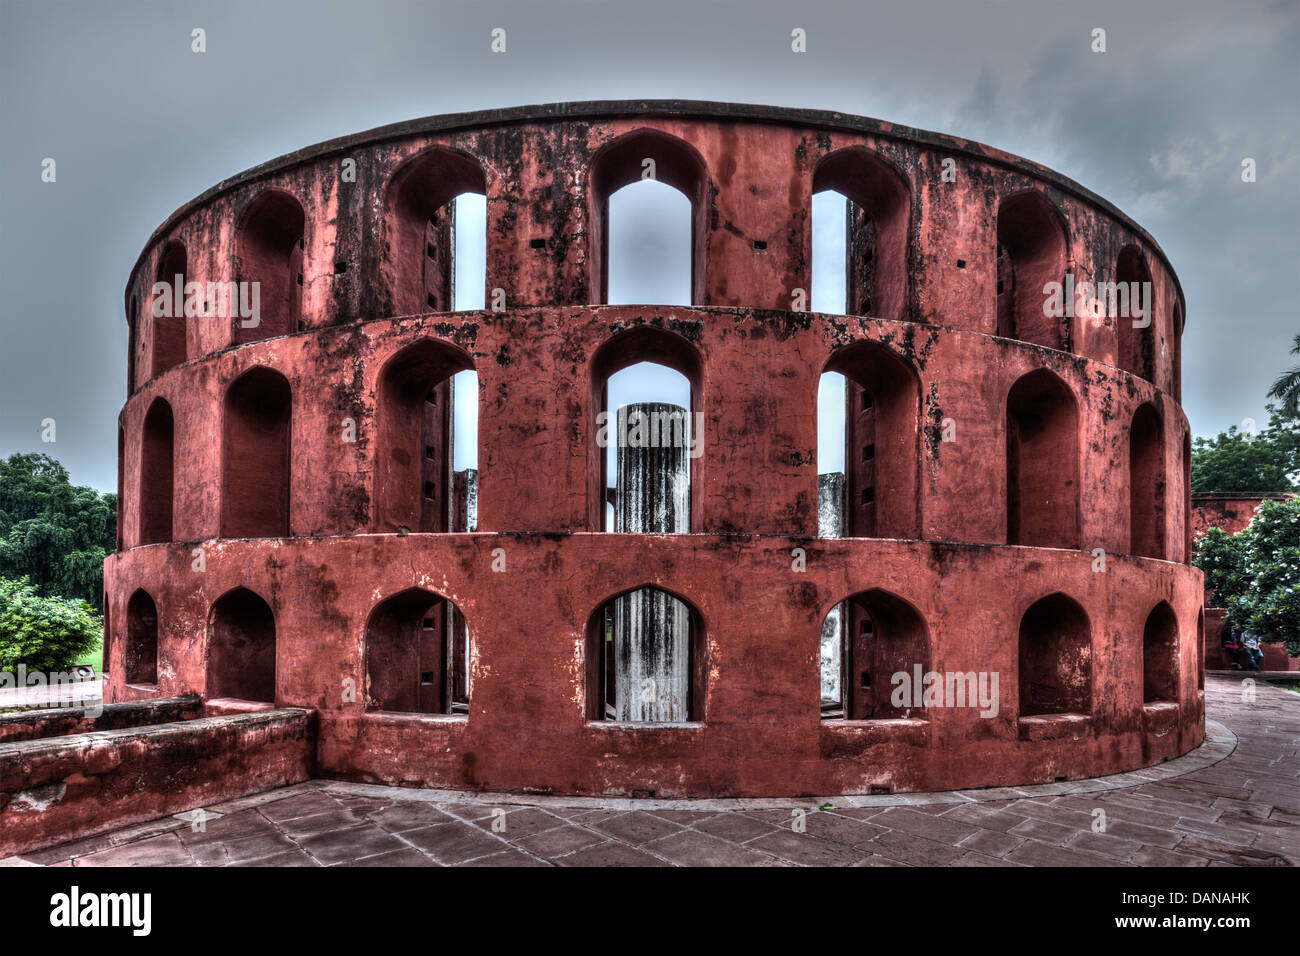 Jantar Mantar - Altes Observatorium mit architektonischen Astronomie Instrumente in Delhi, Indien Stockbild